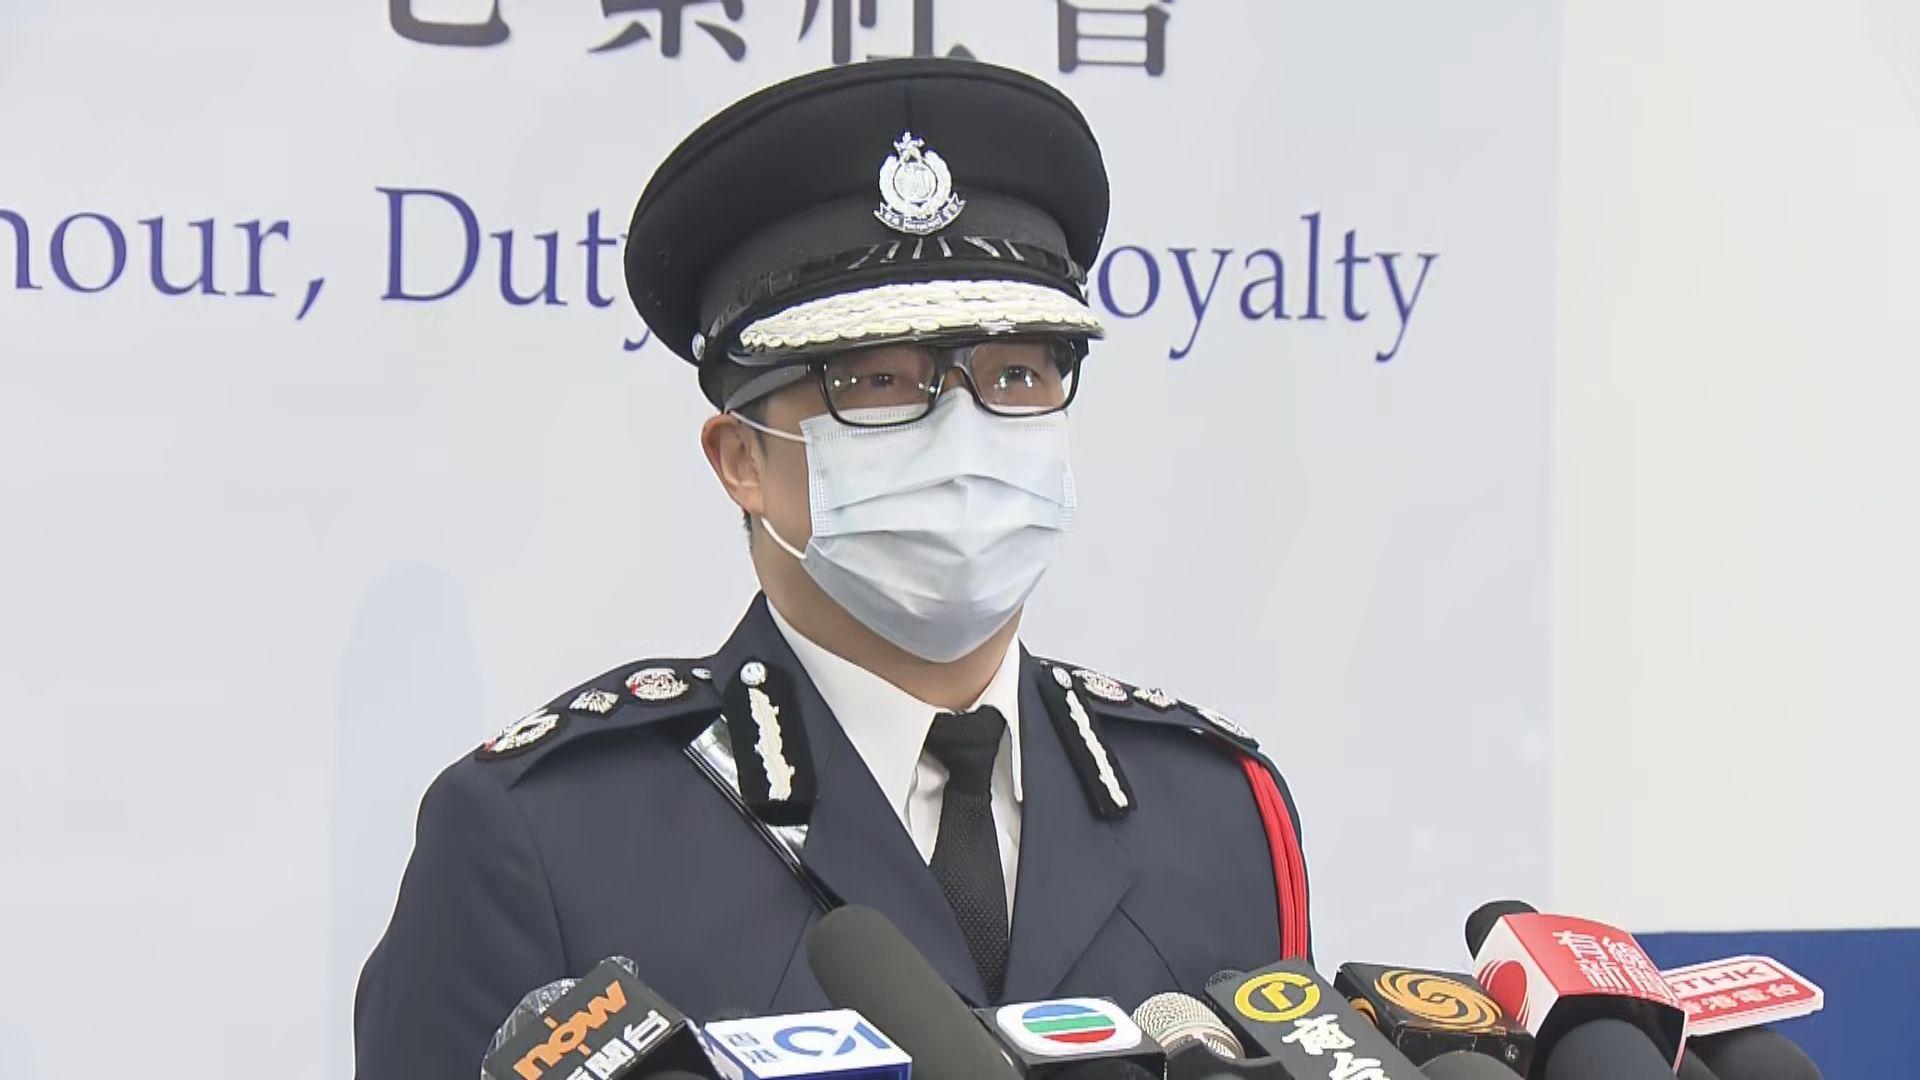 鄧炳強:有傳媒稱「武漢肺炎」屬貶低國家